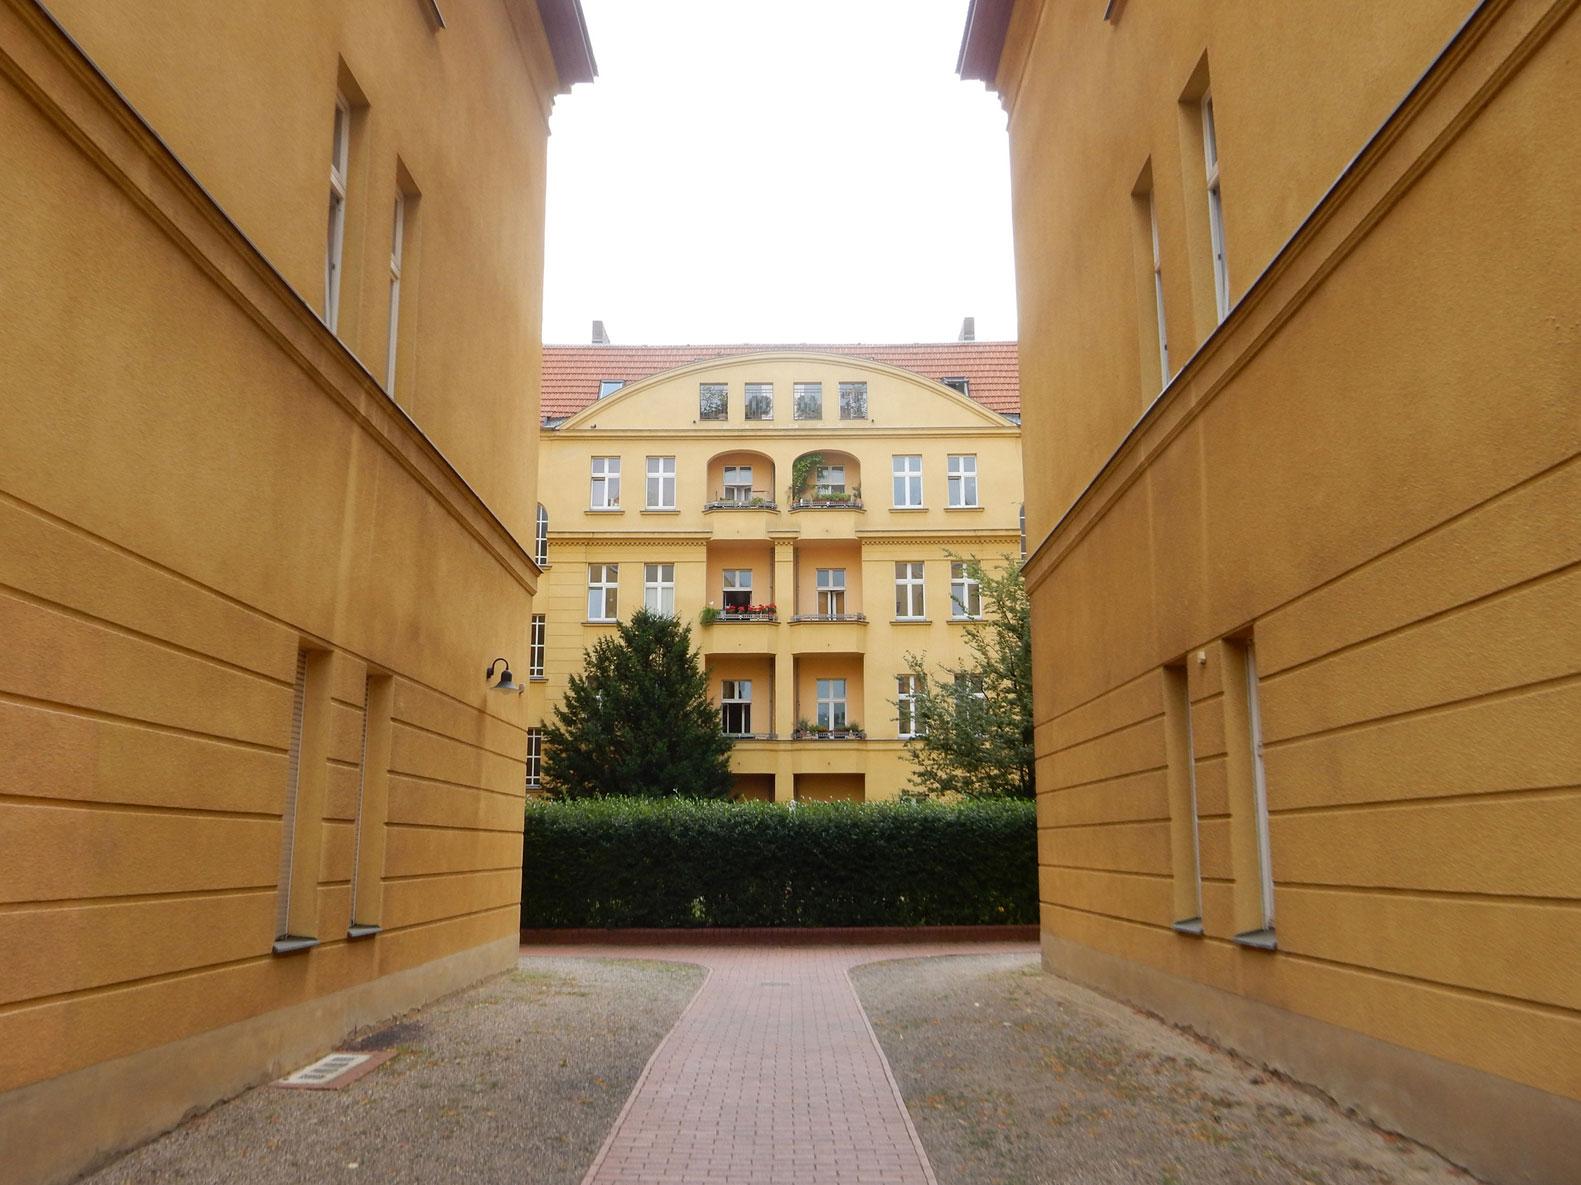 Radtour Berlin Pankow